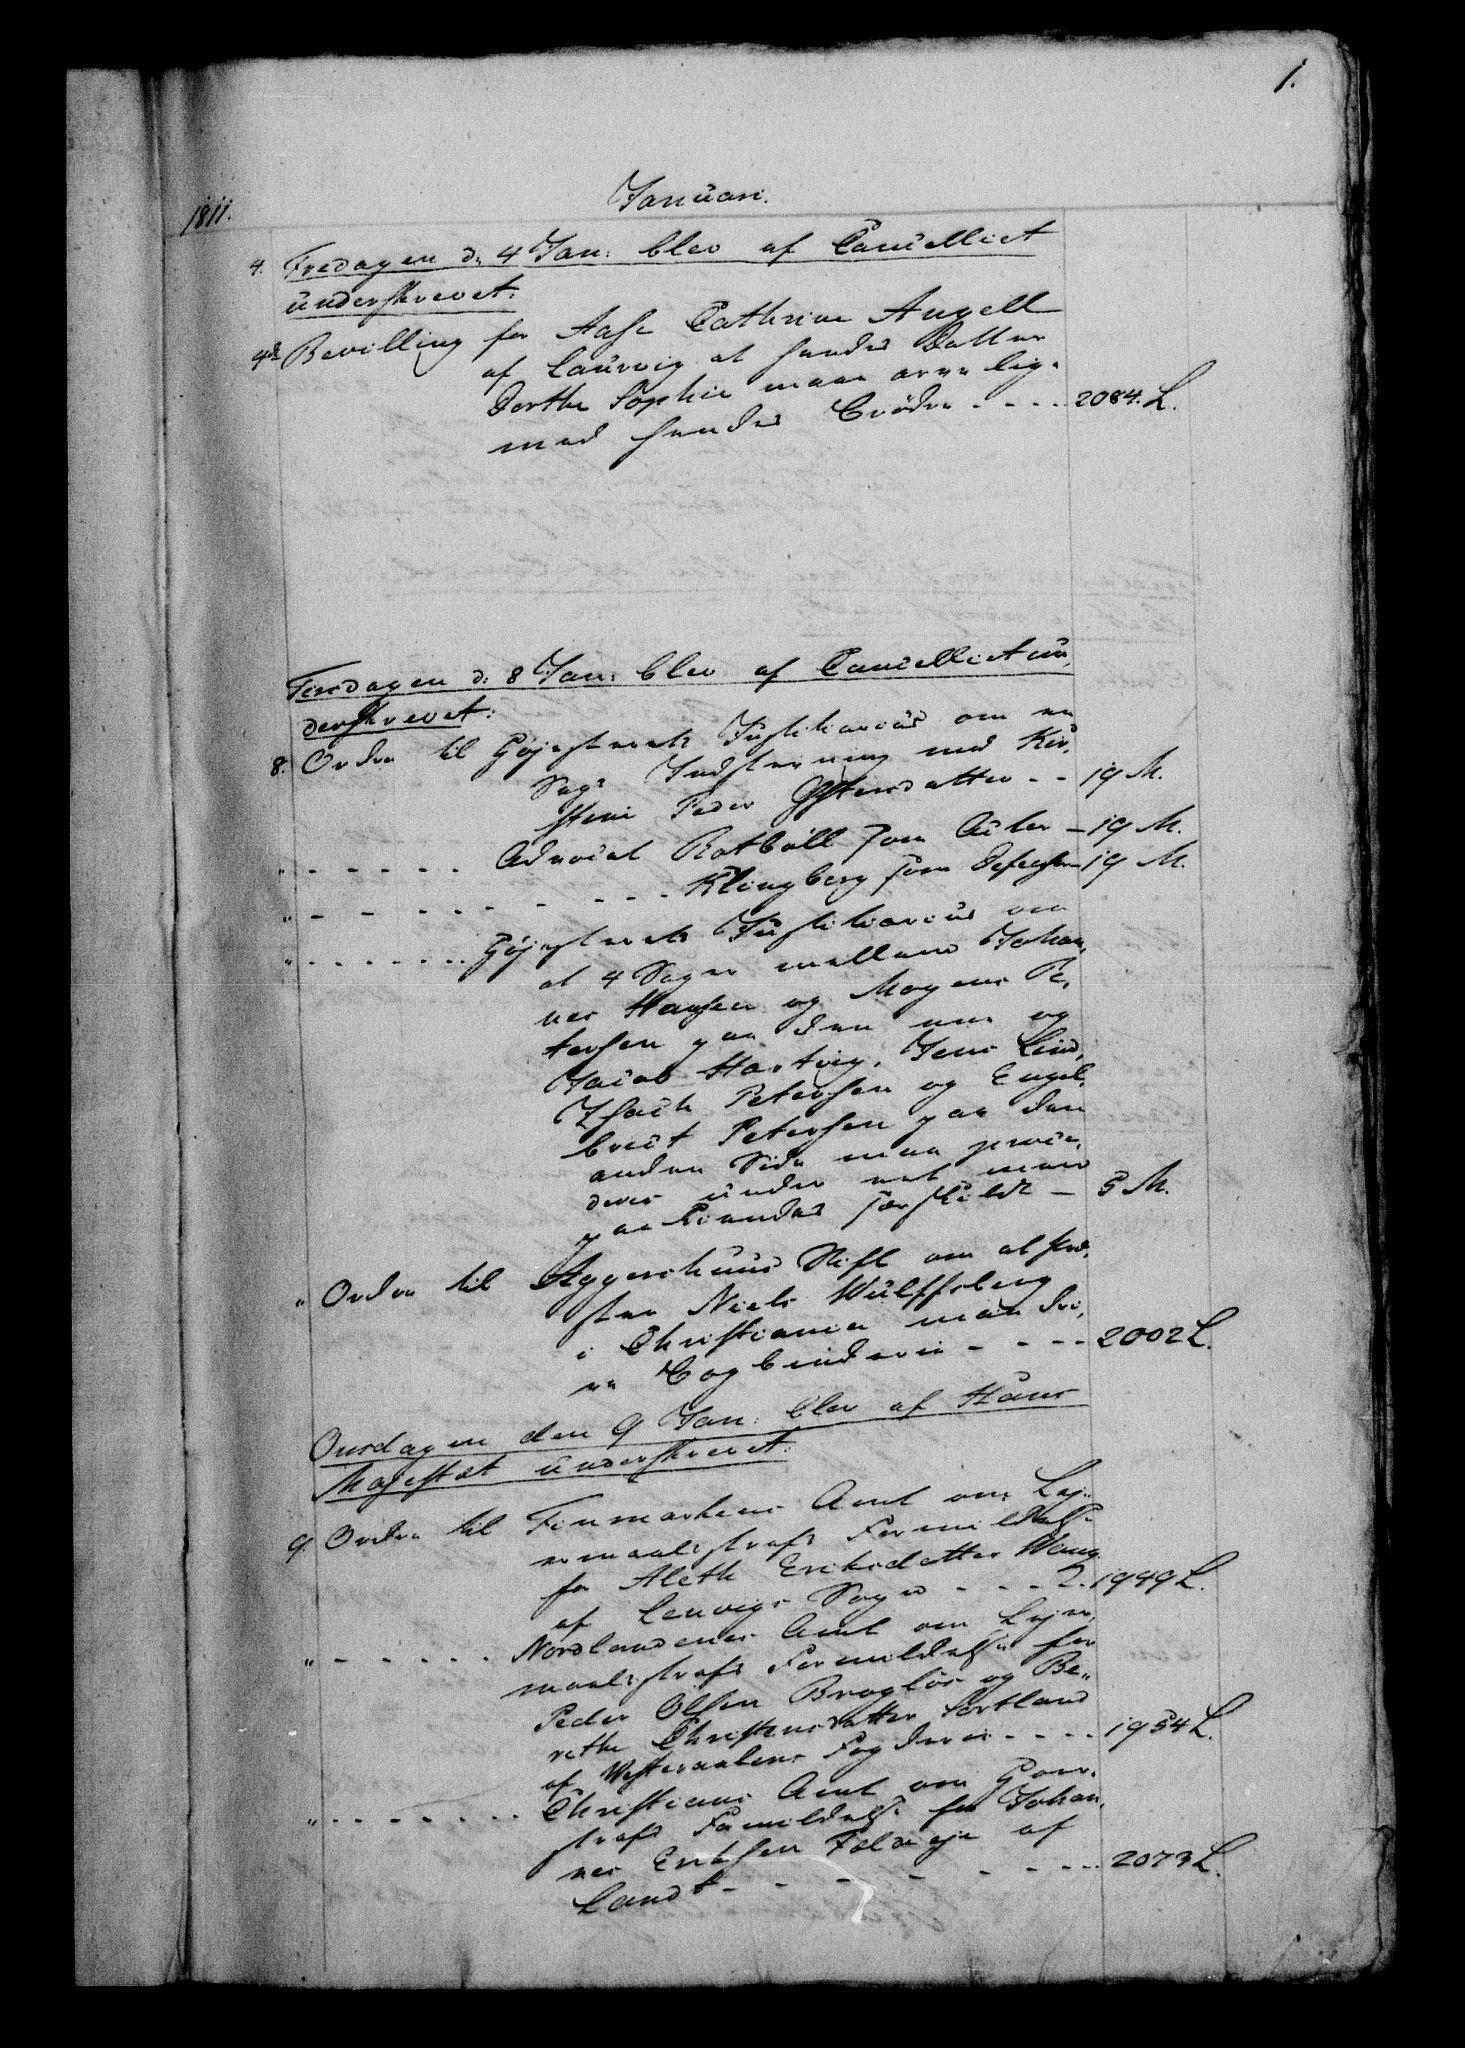 RA, Danske Kanselli 1800-1814, H/Hf/Hfb/Hfbc/L0012: Underskrivelsesbok m. register, 1811, p. 1